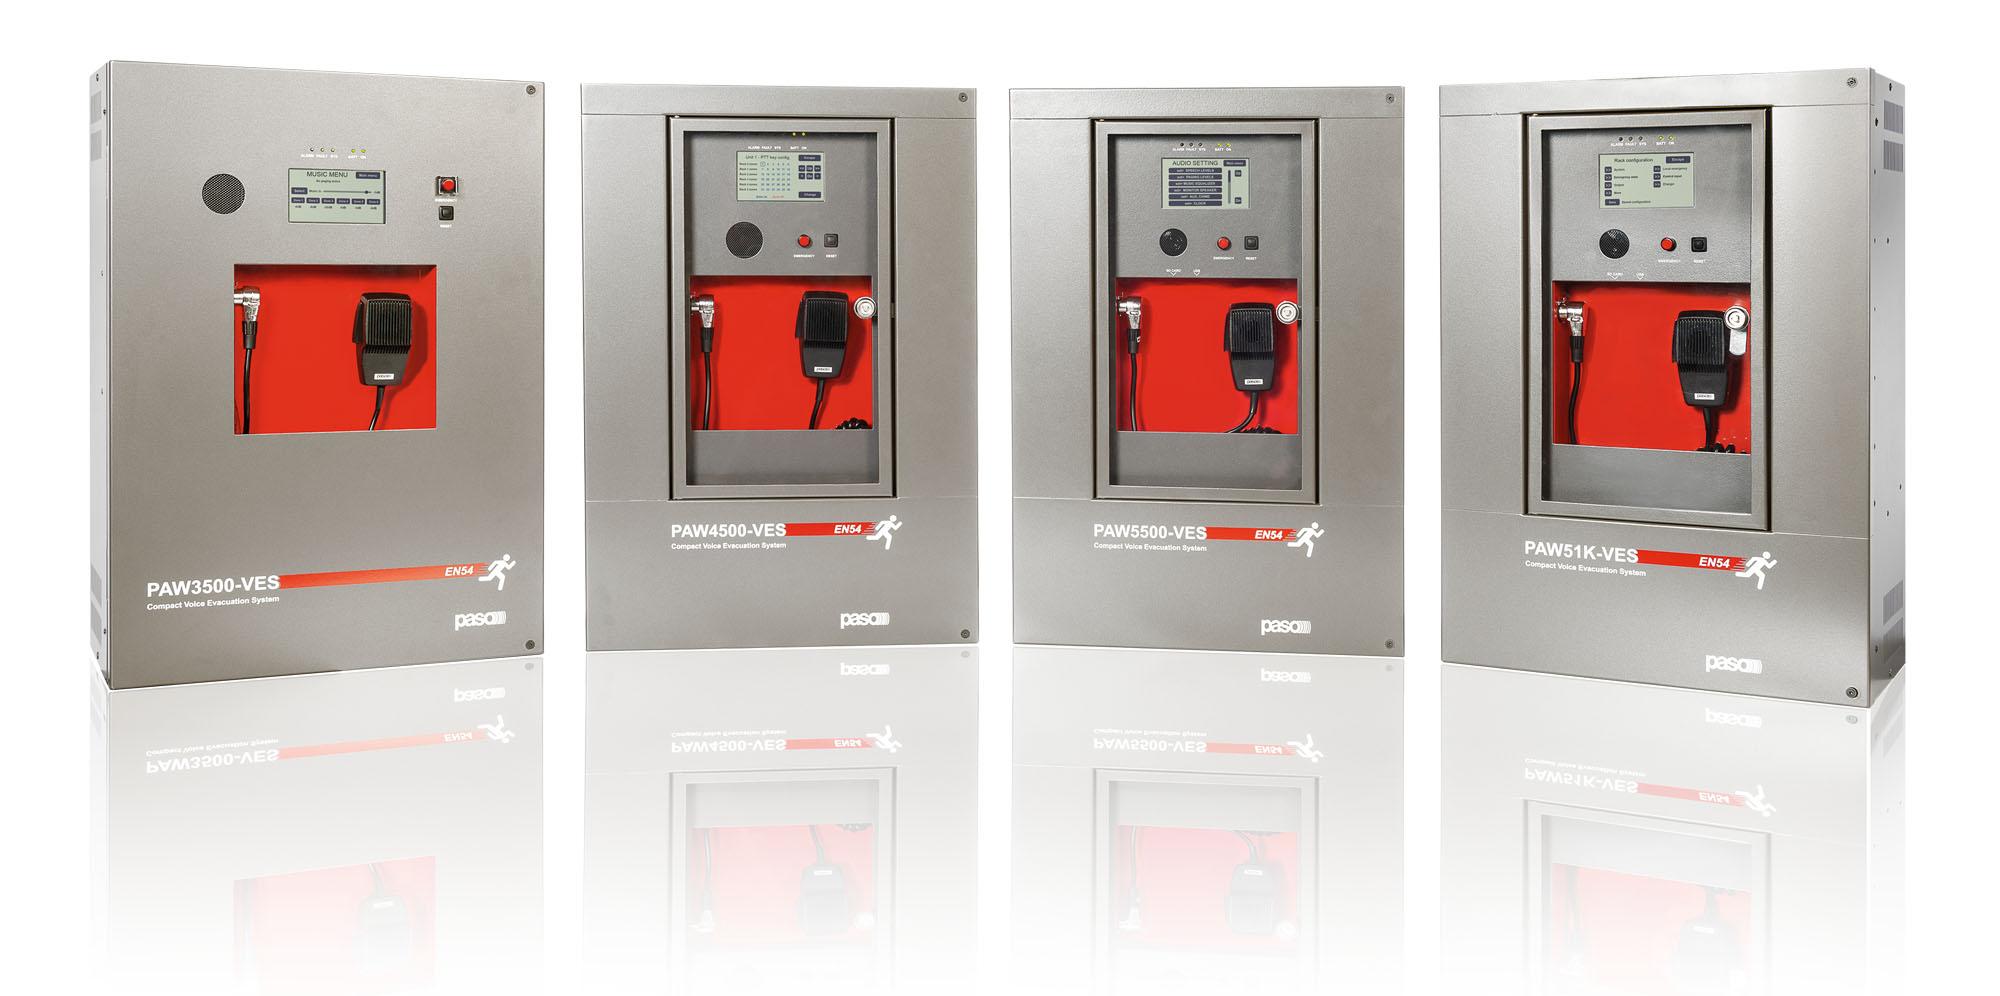 nos coffrets compactes de sonorisation de sécurité EN54